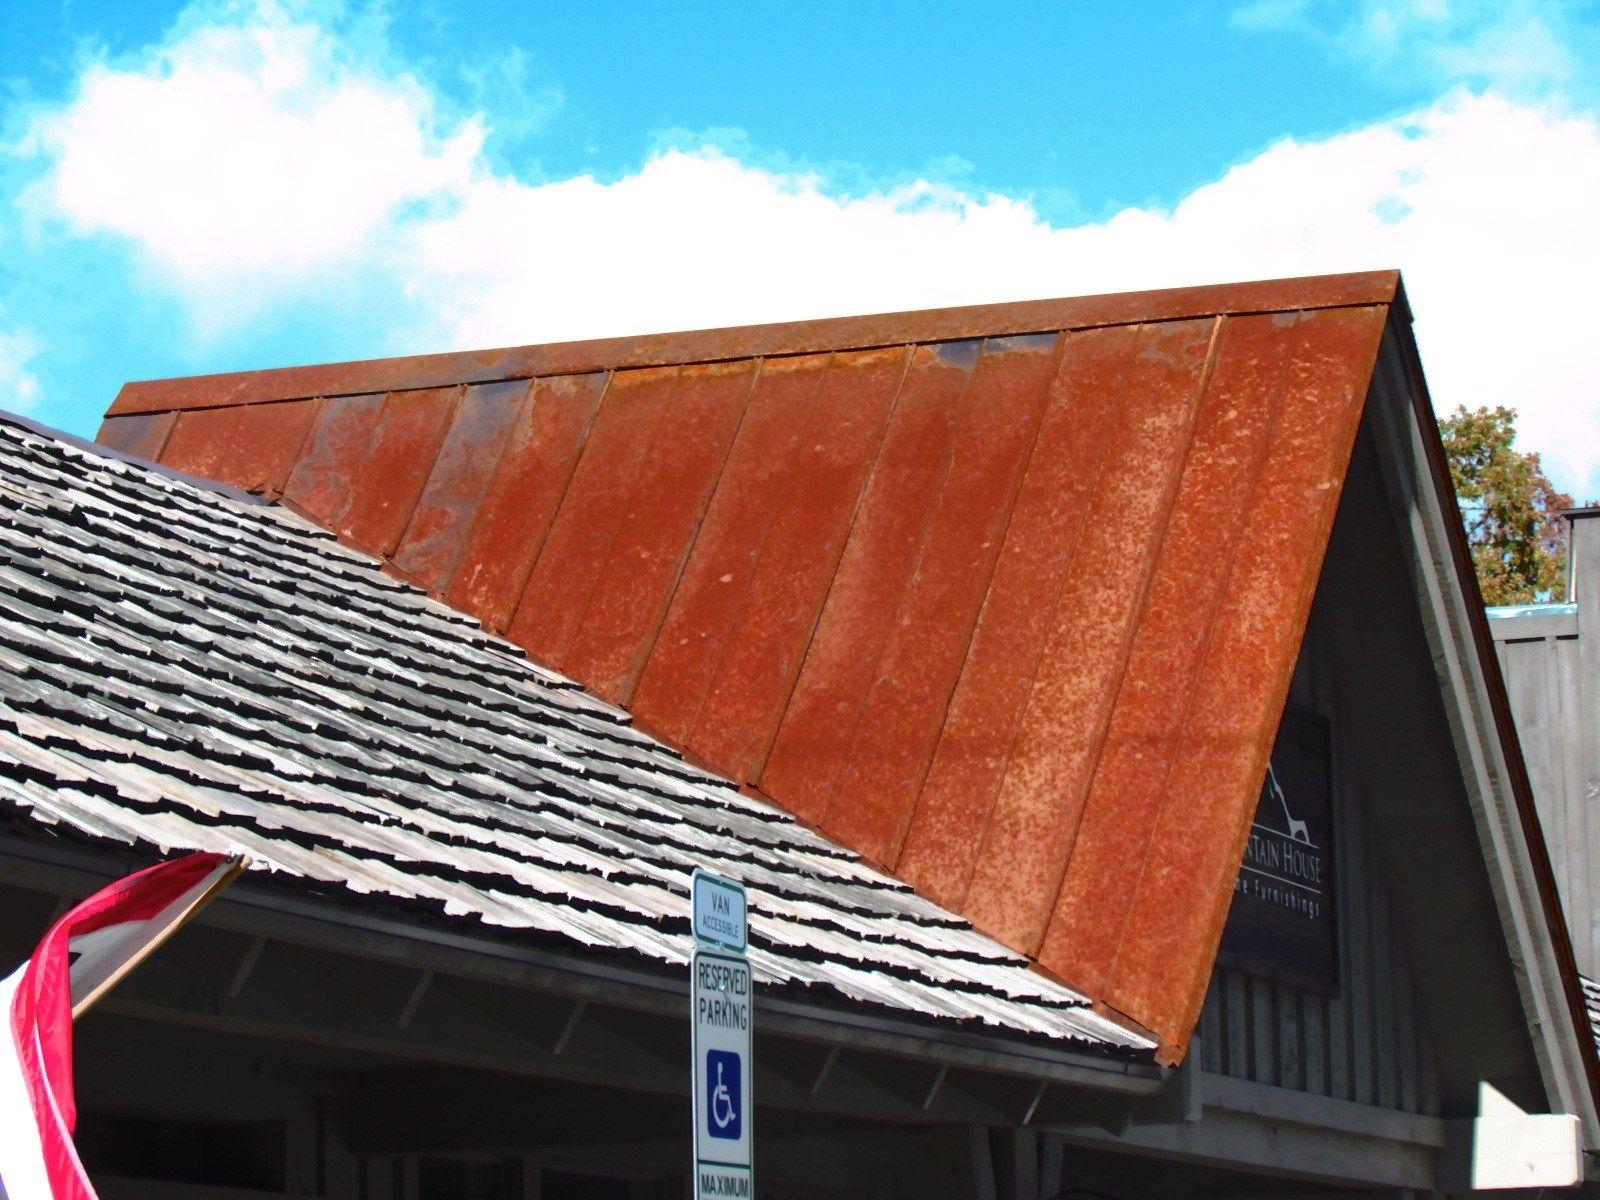 Pathway Metal Roofing Supply Huntsville Al Metal Roof Roofing Supplies Metal Roof Insulation